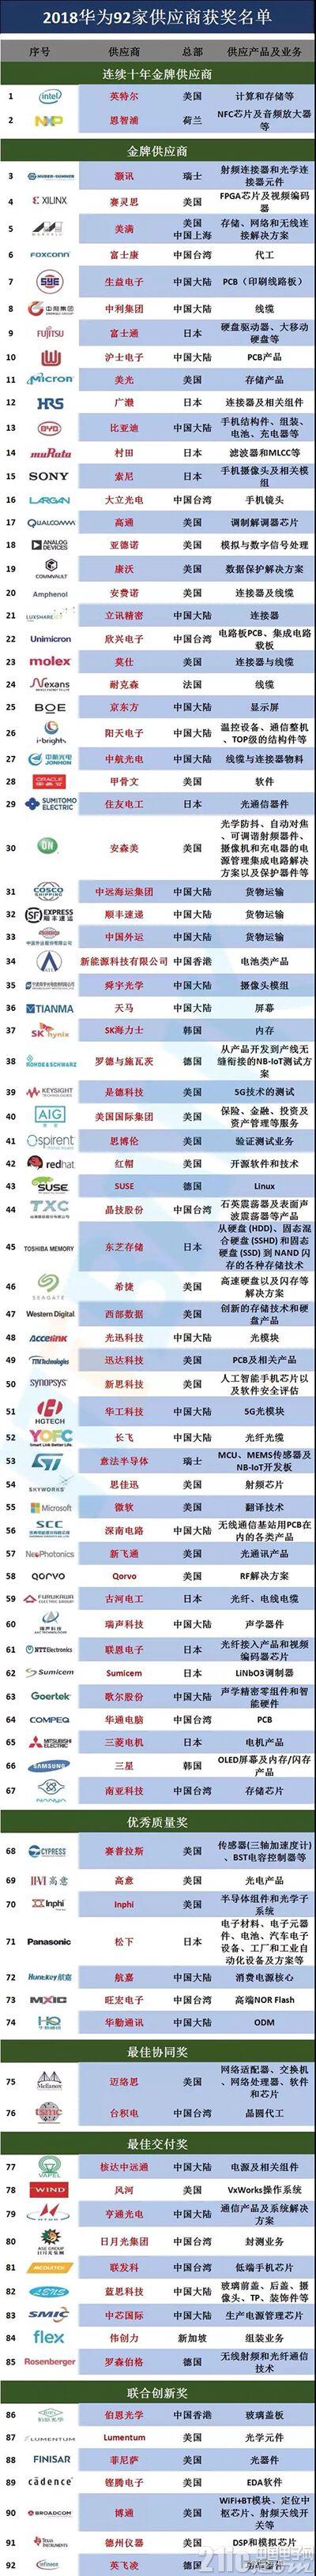 华为92家核心供应商名单出炉:美国33家排第一,中国大陆25家排第二!